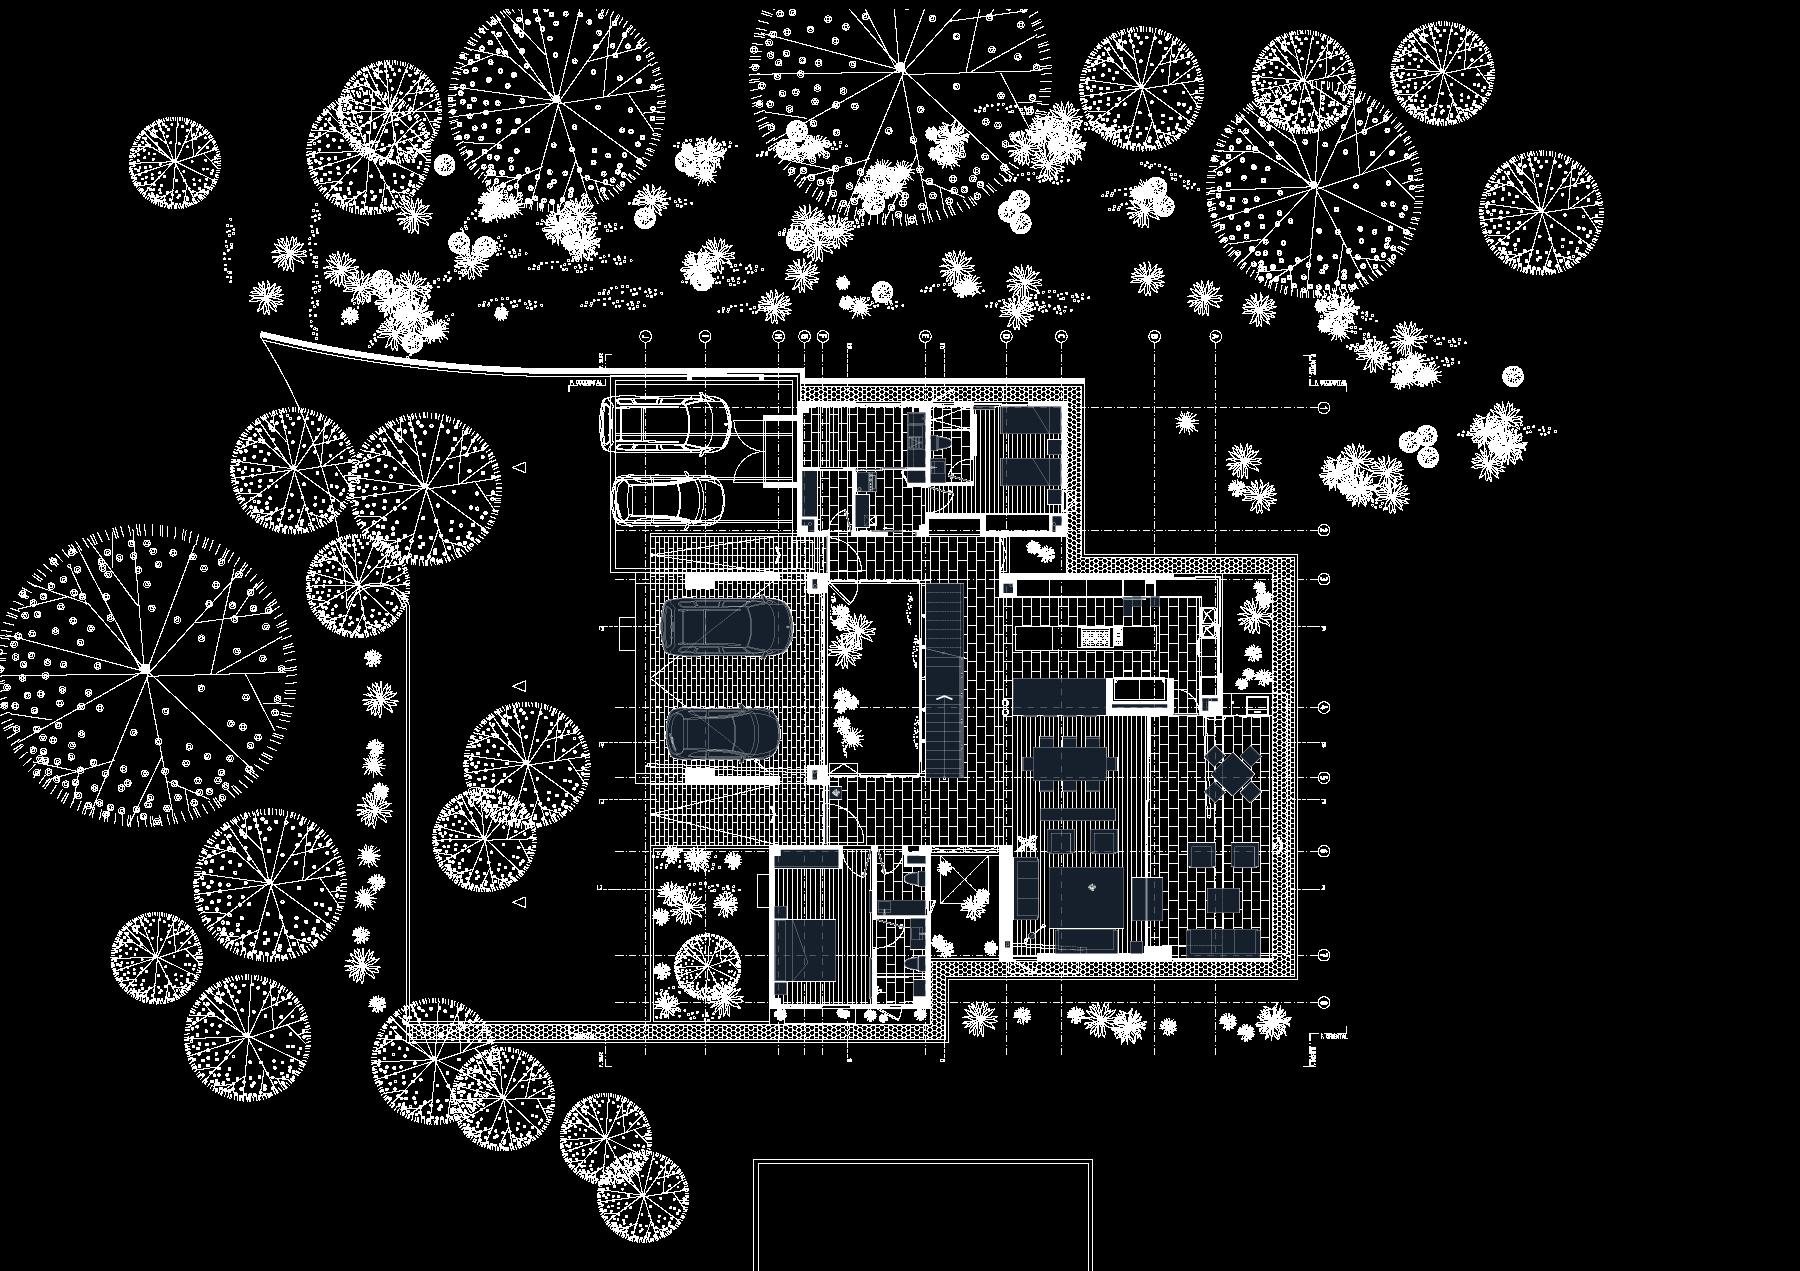 Planta01.png